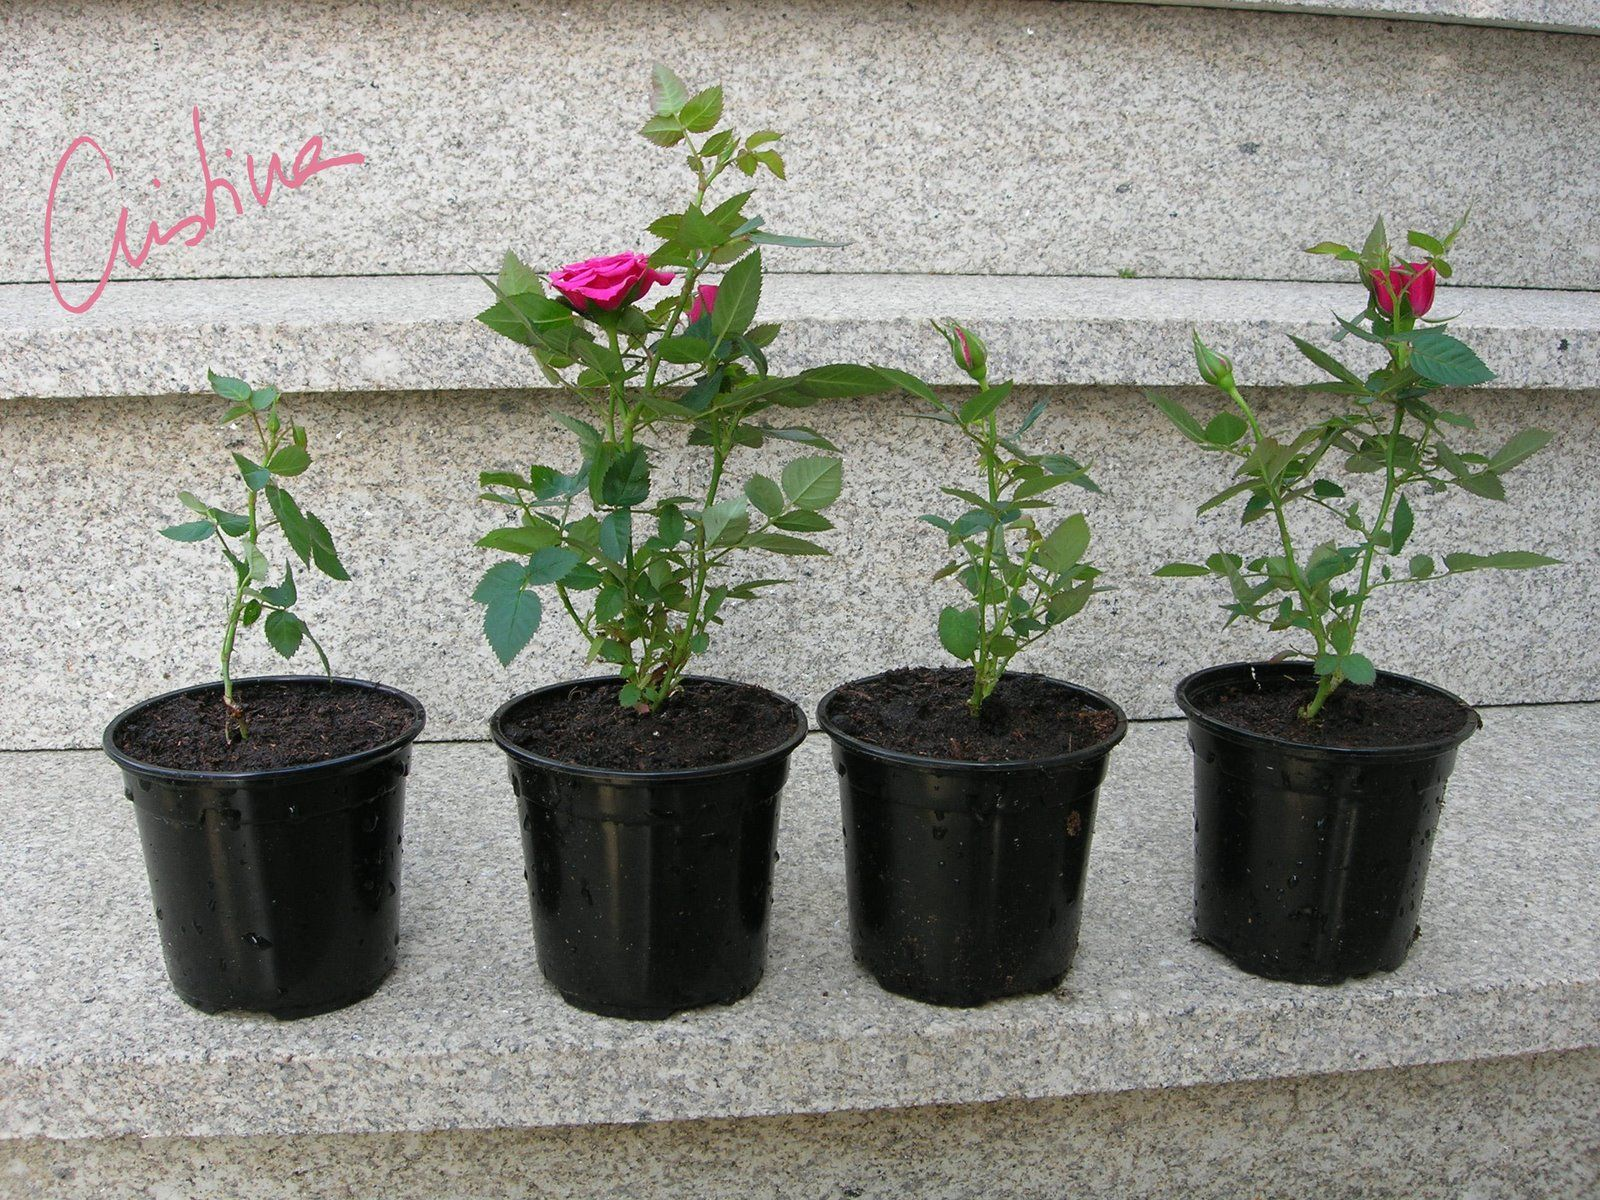 Hogar y jardin c mo cultivar rosas en miniatura hogar y for Hogar y jardin